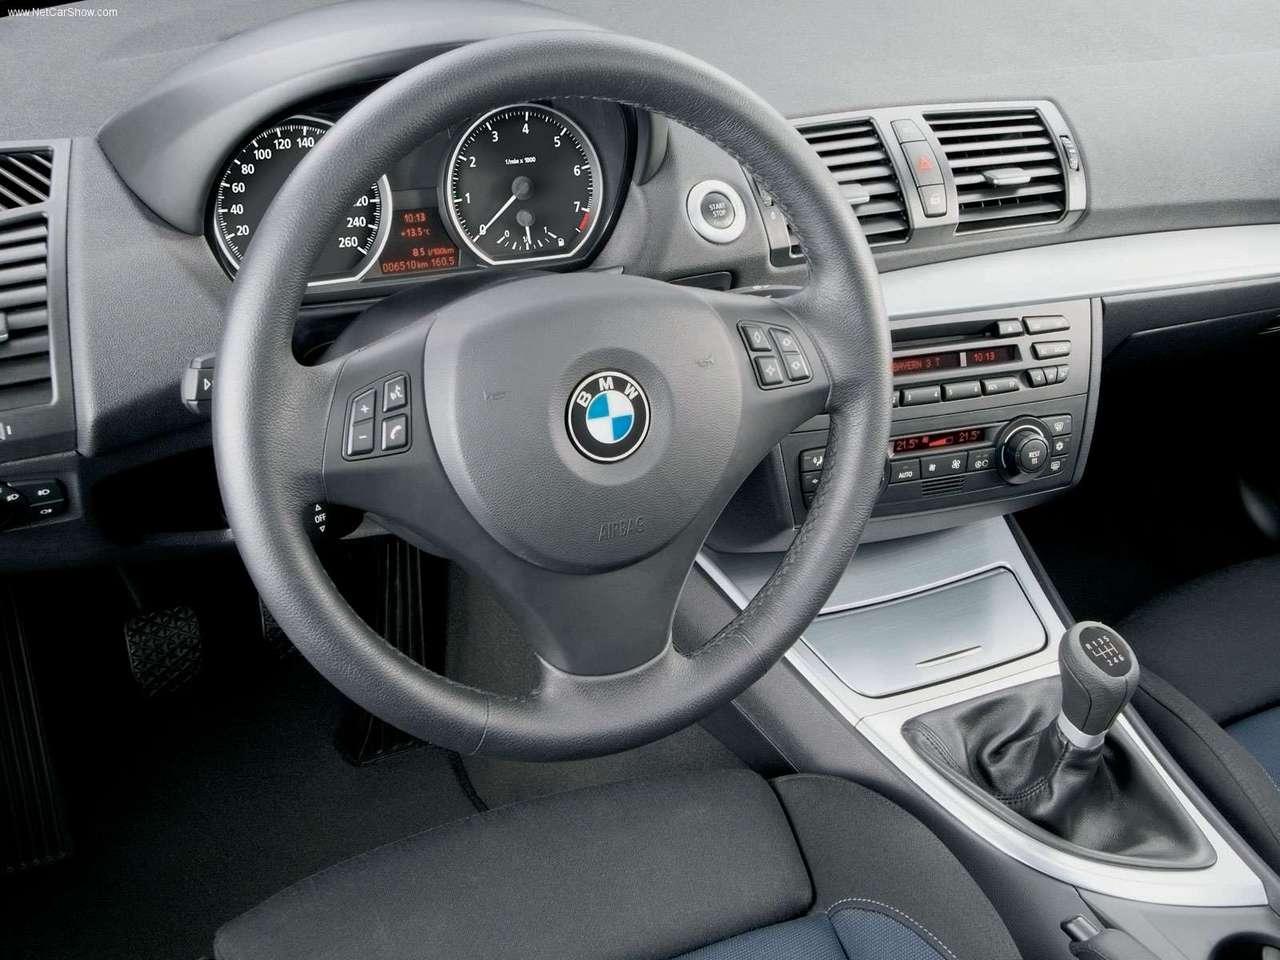 http://1.bp.blogspot.com/_vPMjJG-enrk/TAqL9oI2DlI/AAAAAAAACqU/ugEj_zIgMis/s1600/BMW-130i_2005_1280x960_wallpaper_03.jpg